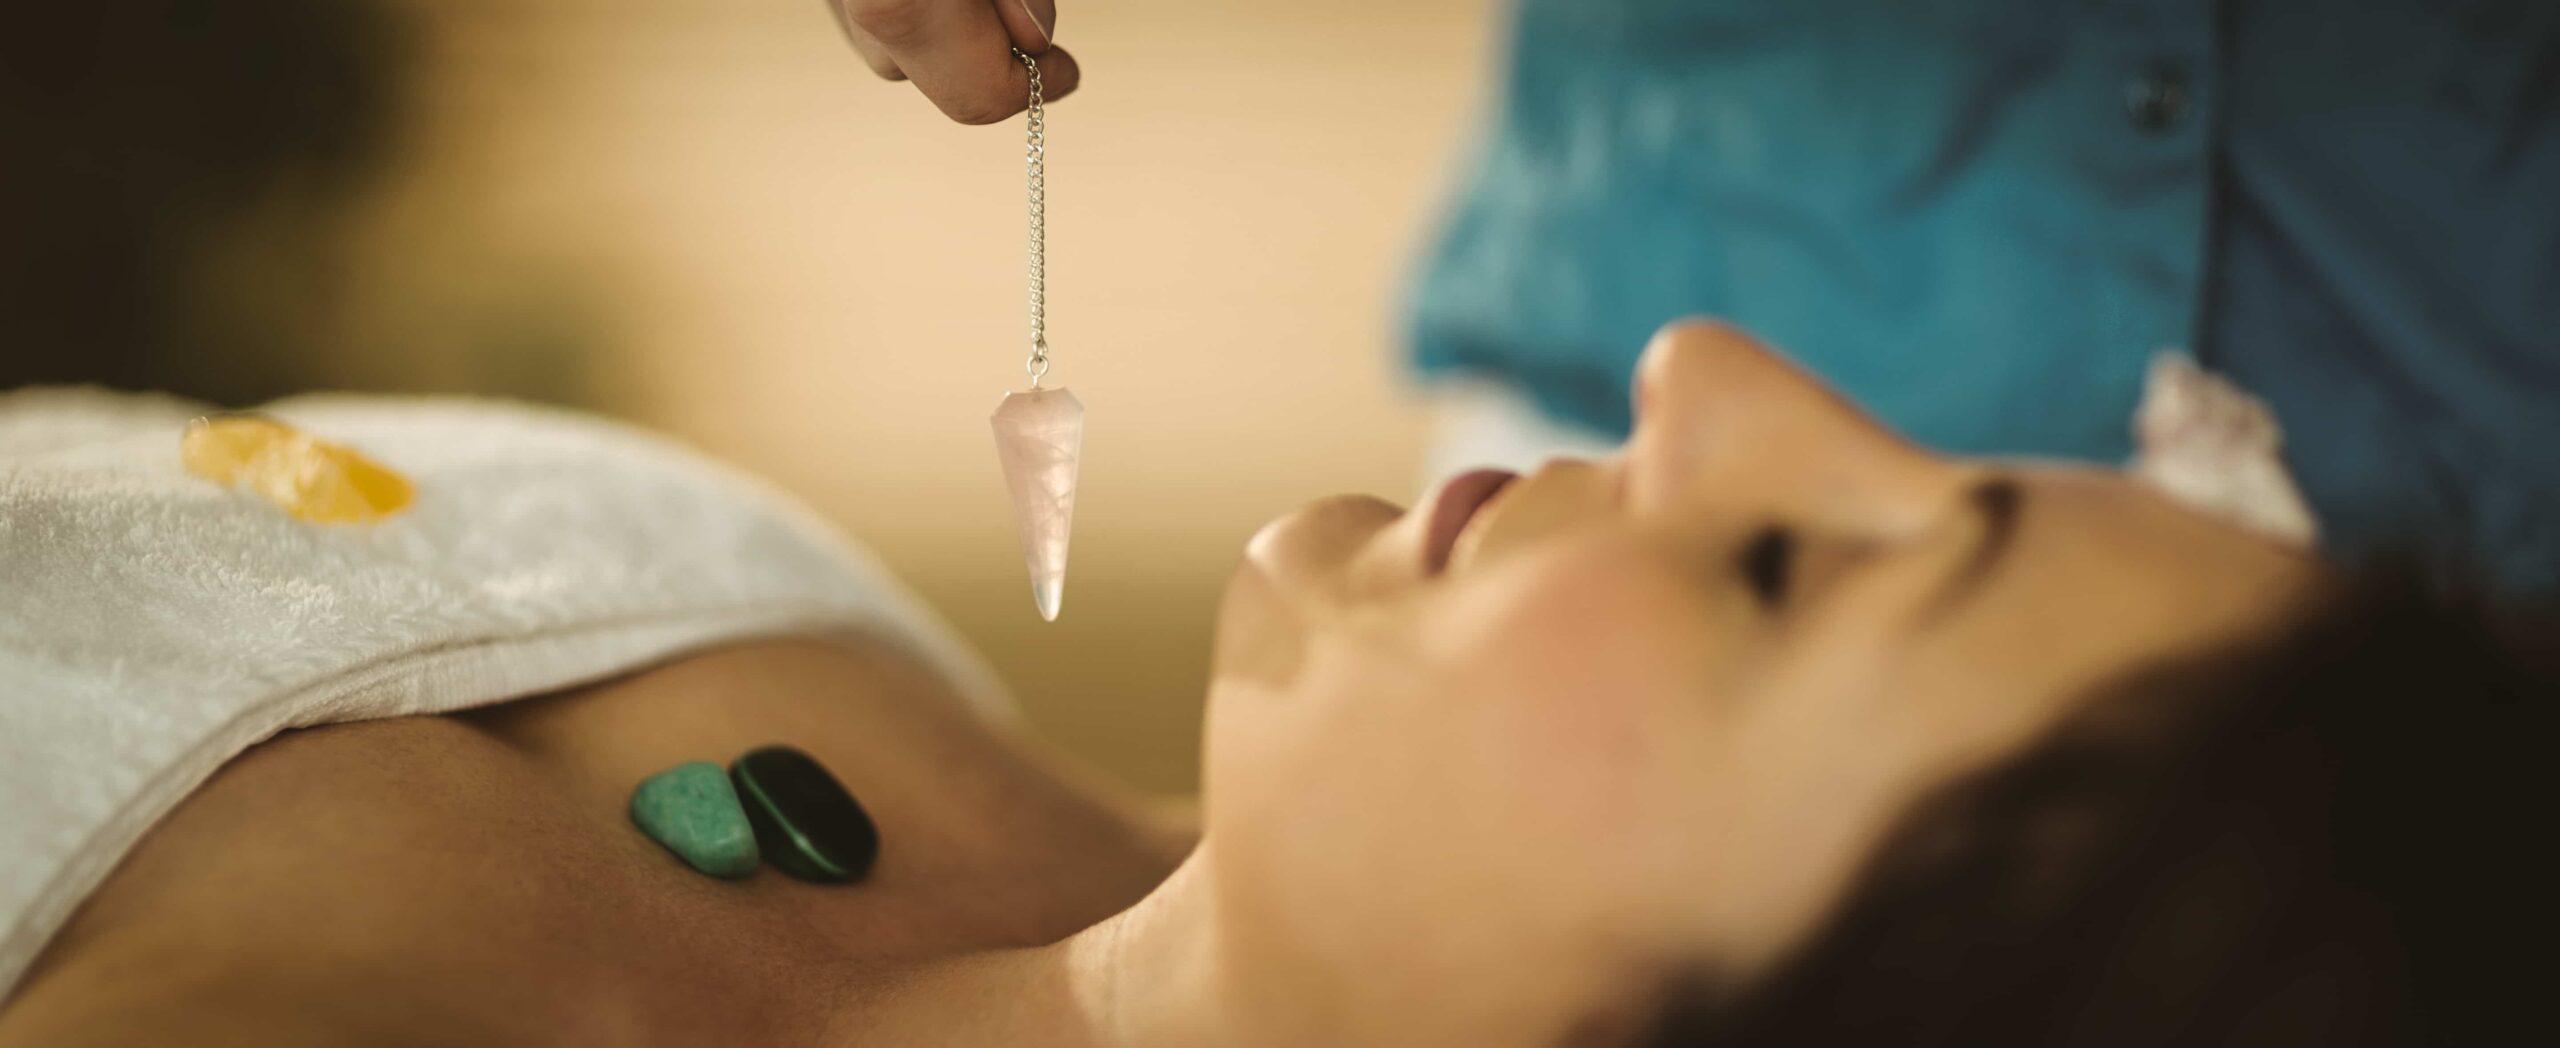 cuarzo-cristal-y-sus-propiedades-terapeuticas-osaya